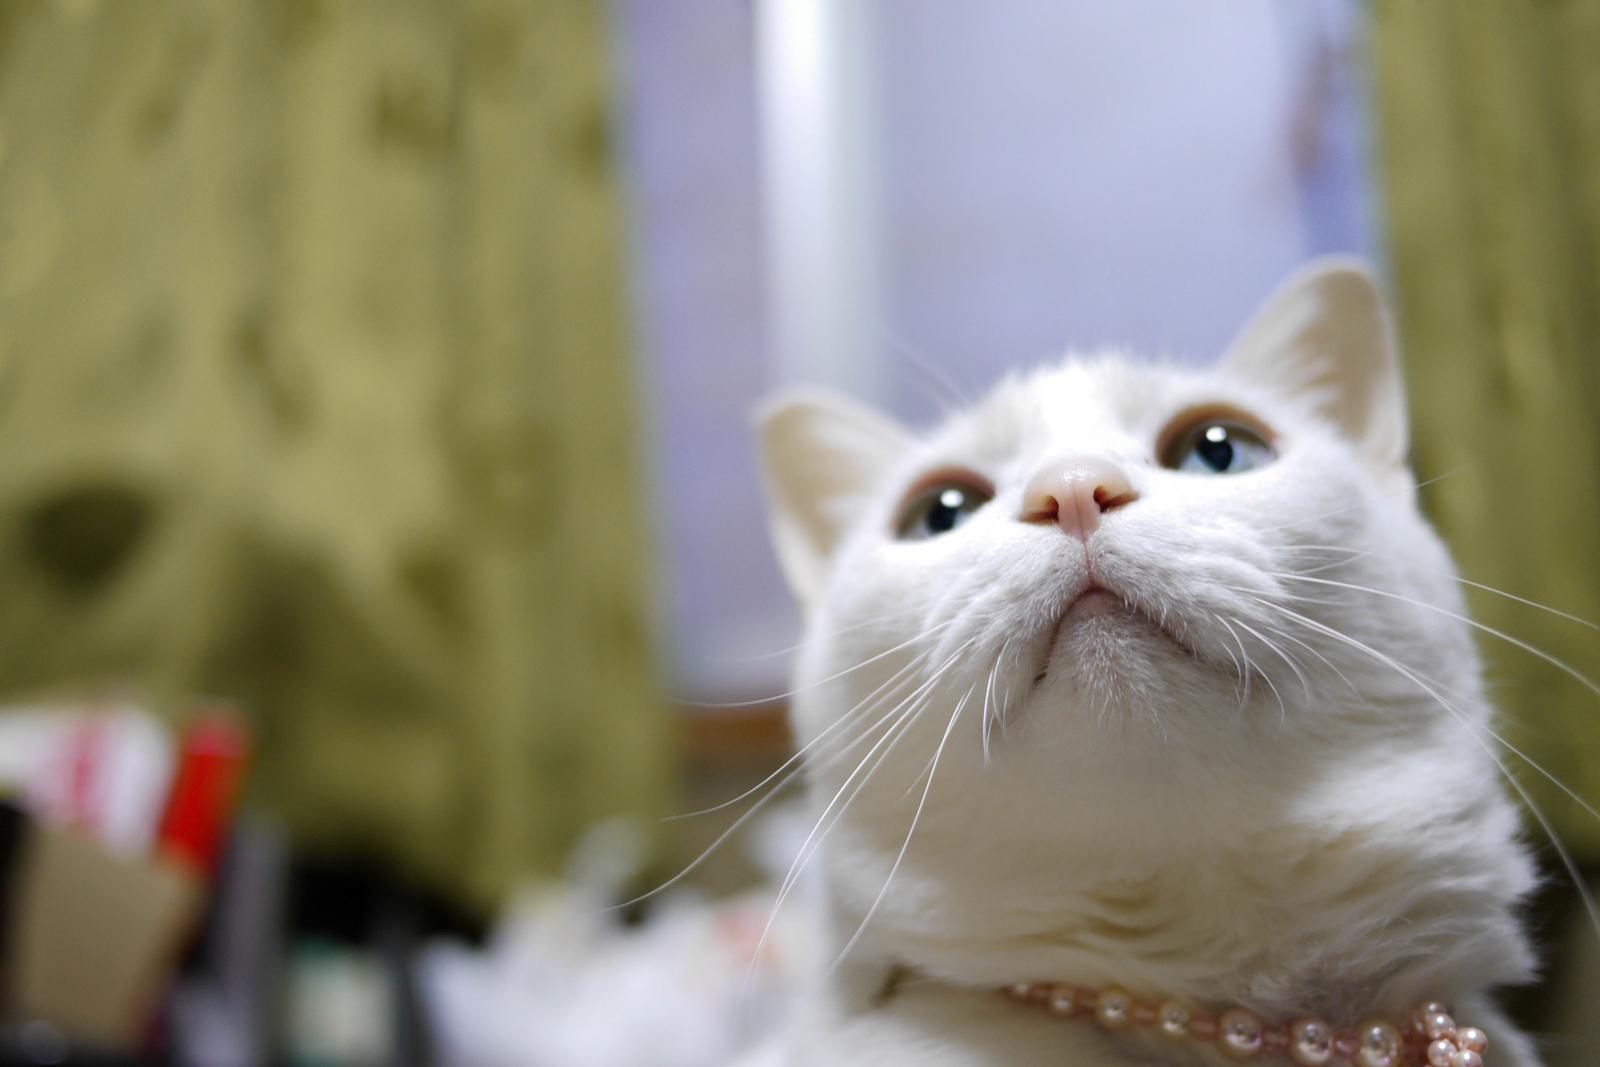 ≡▲ 猫撮り専科 99匹目 ≡゚ェ゚≡ [無断転載禁止]©2ch.netYouTube動画>1本 ->画像>427枚